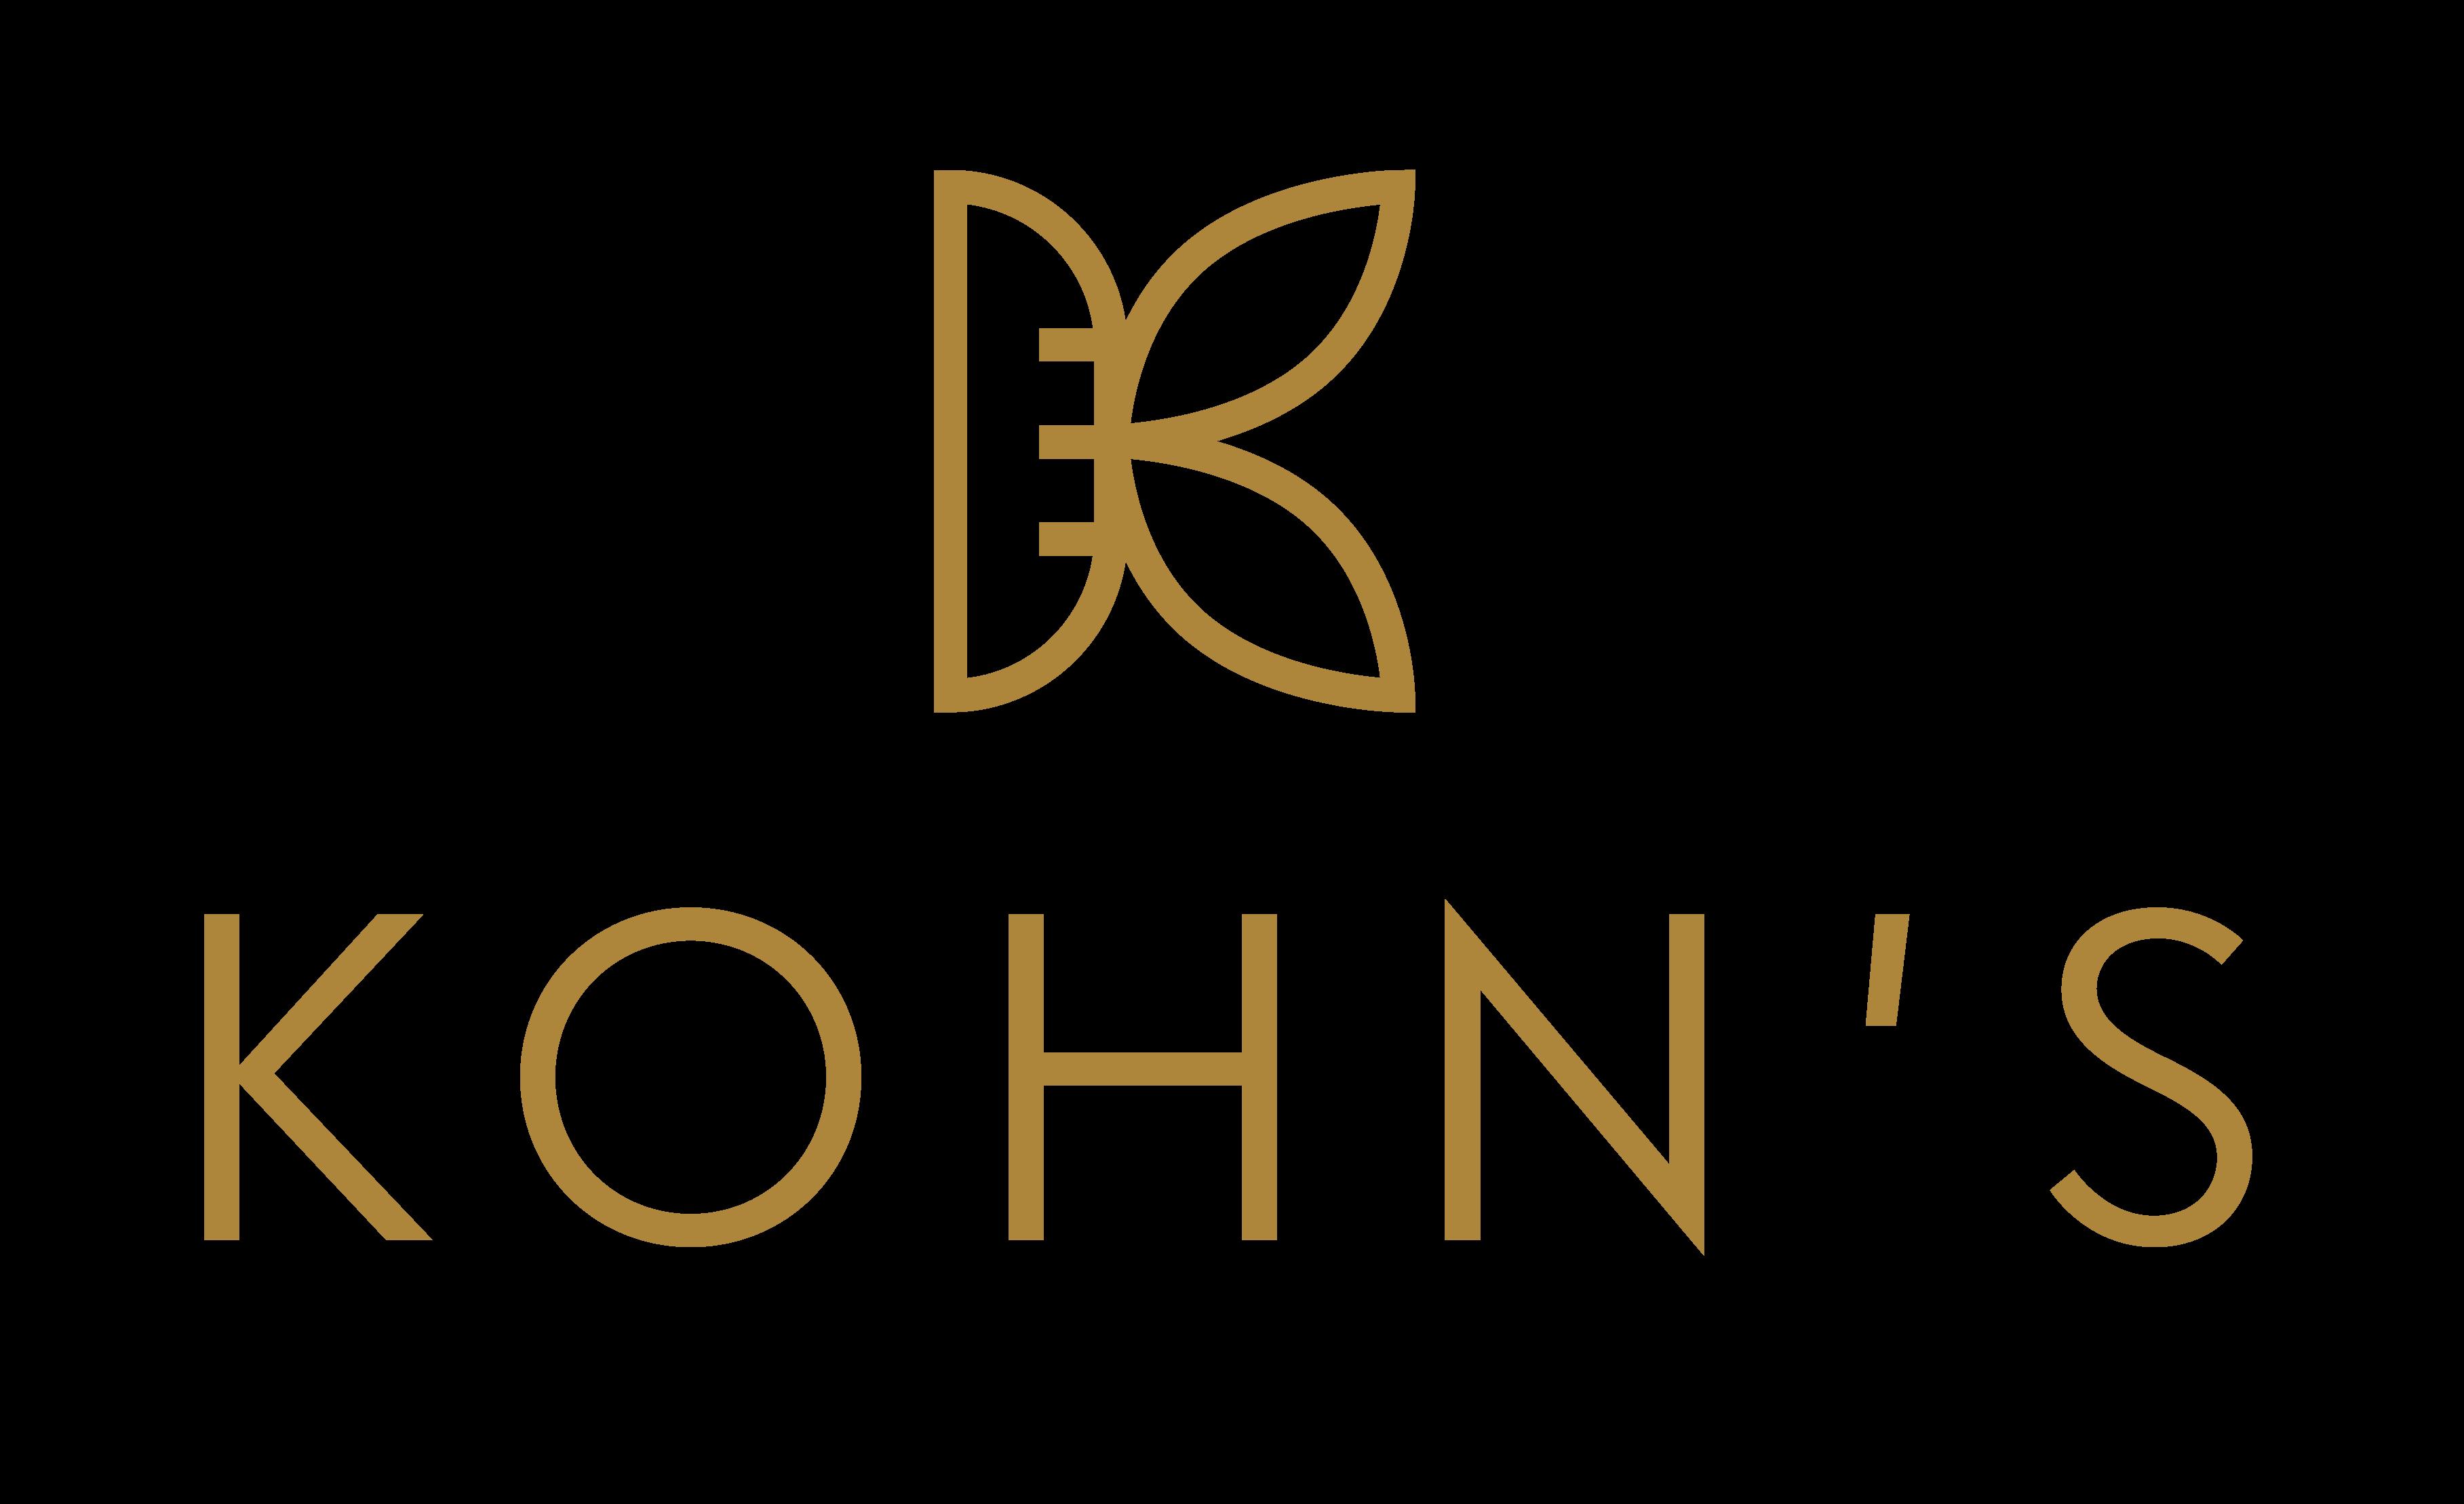 kohns-logo-e1569151984651.png